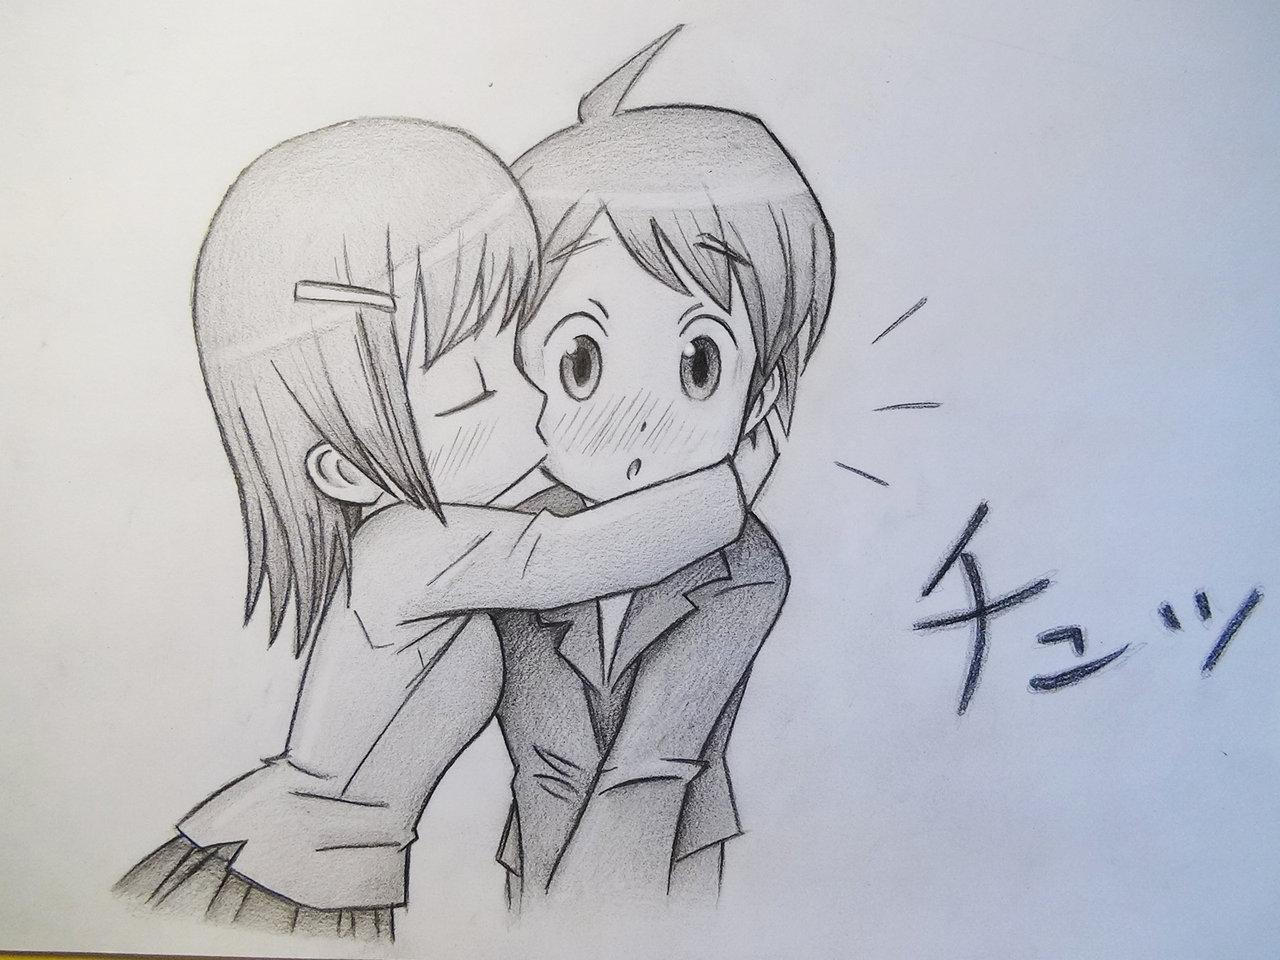 Про день, рисованные картинки карандашом смешные про любовь